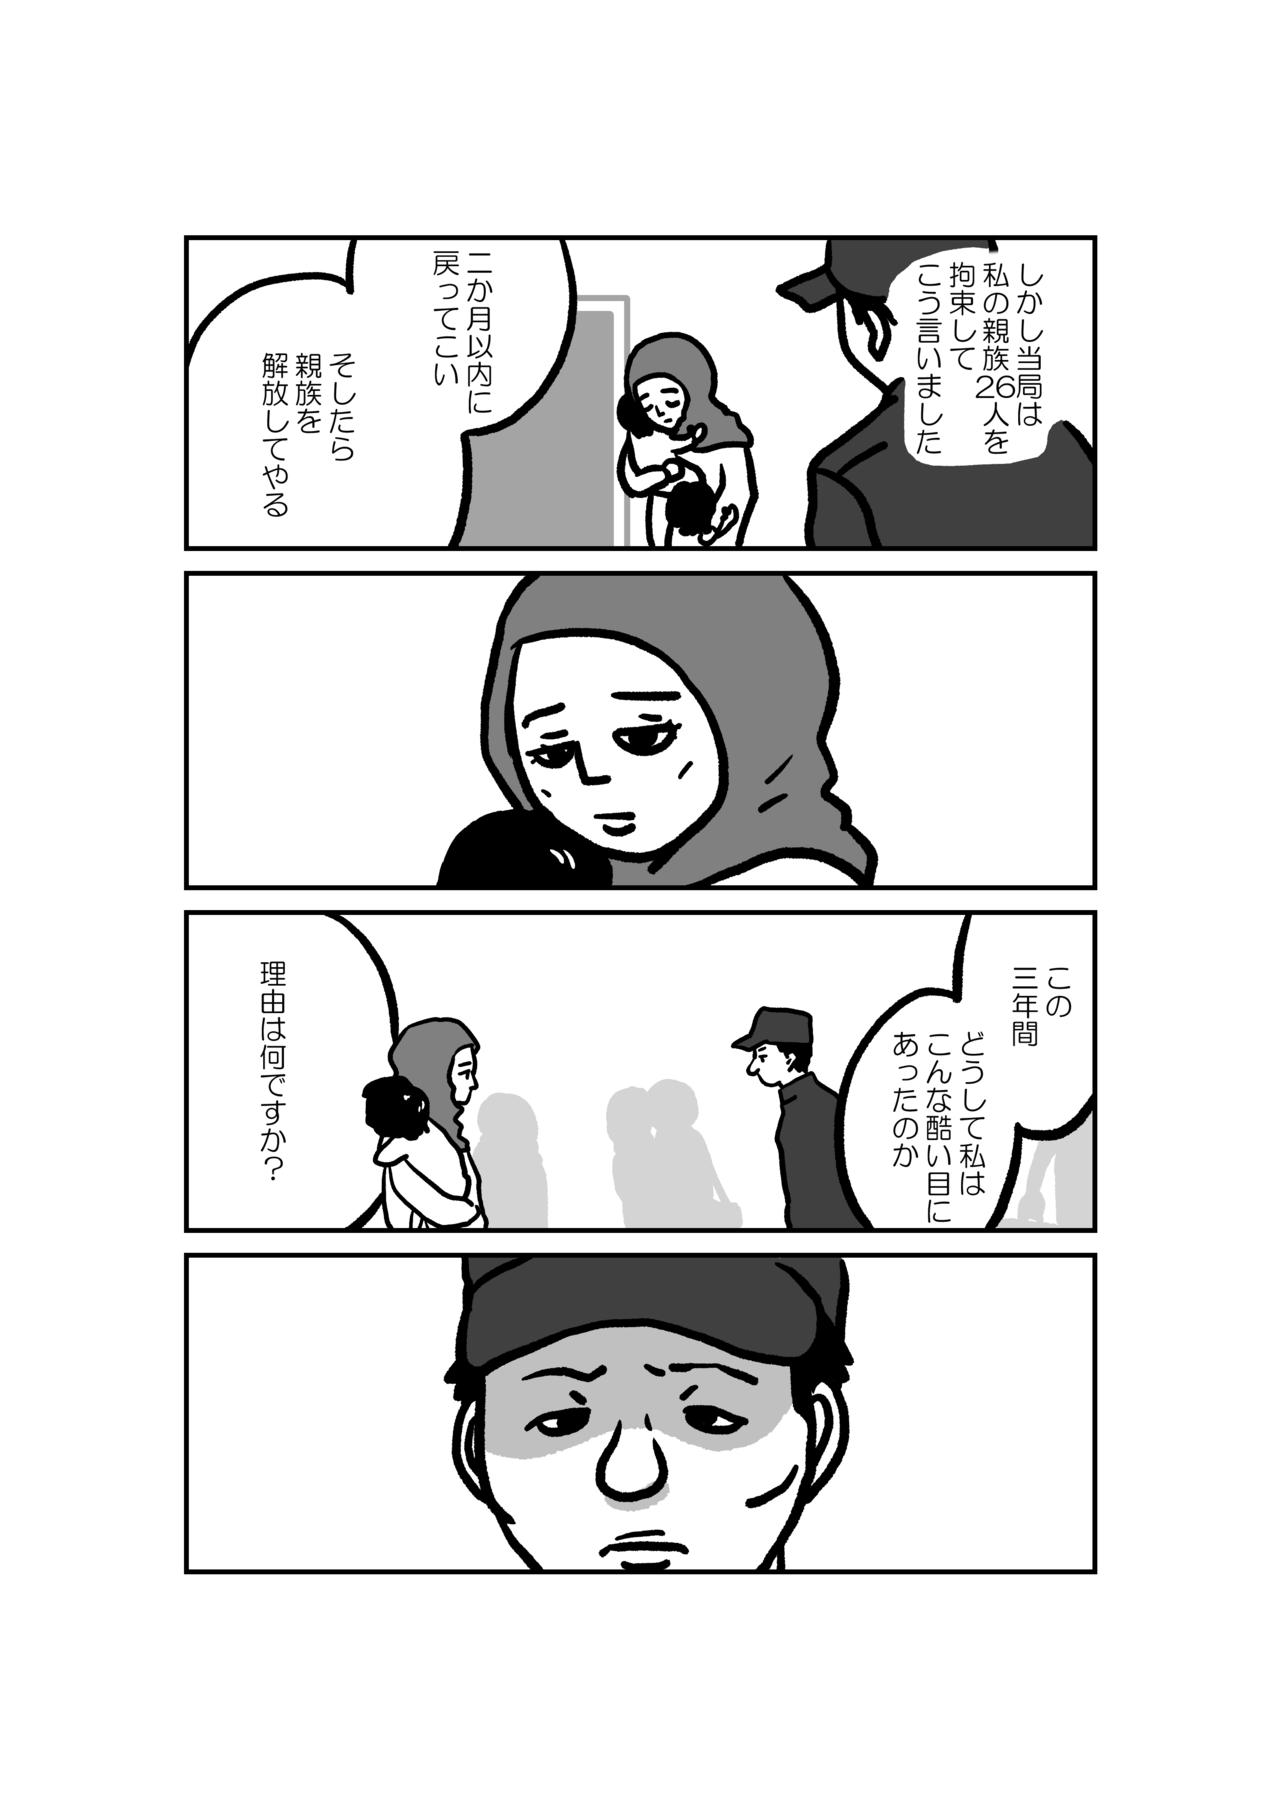 証言集会マンガ12